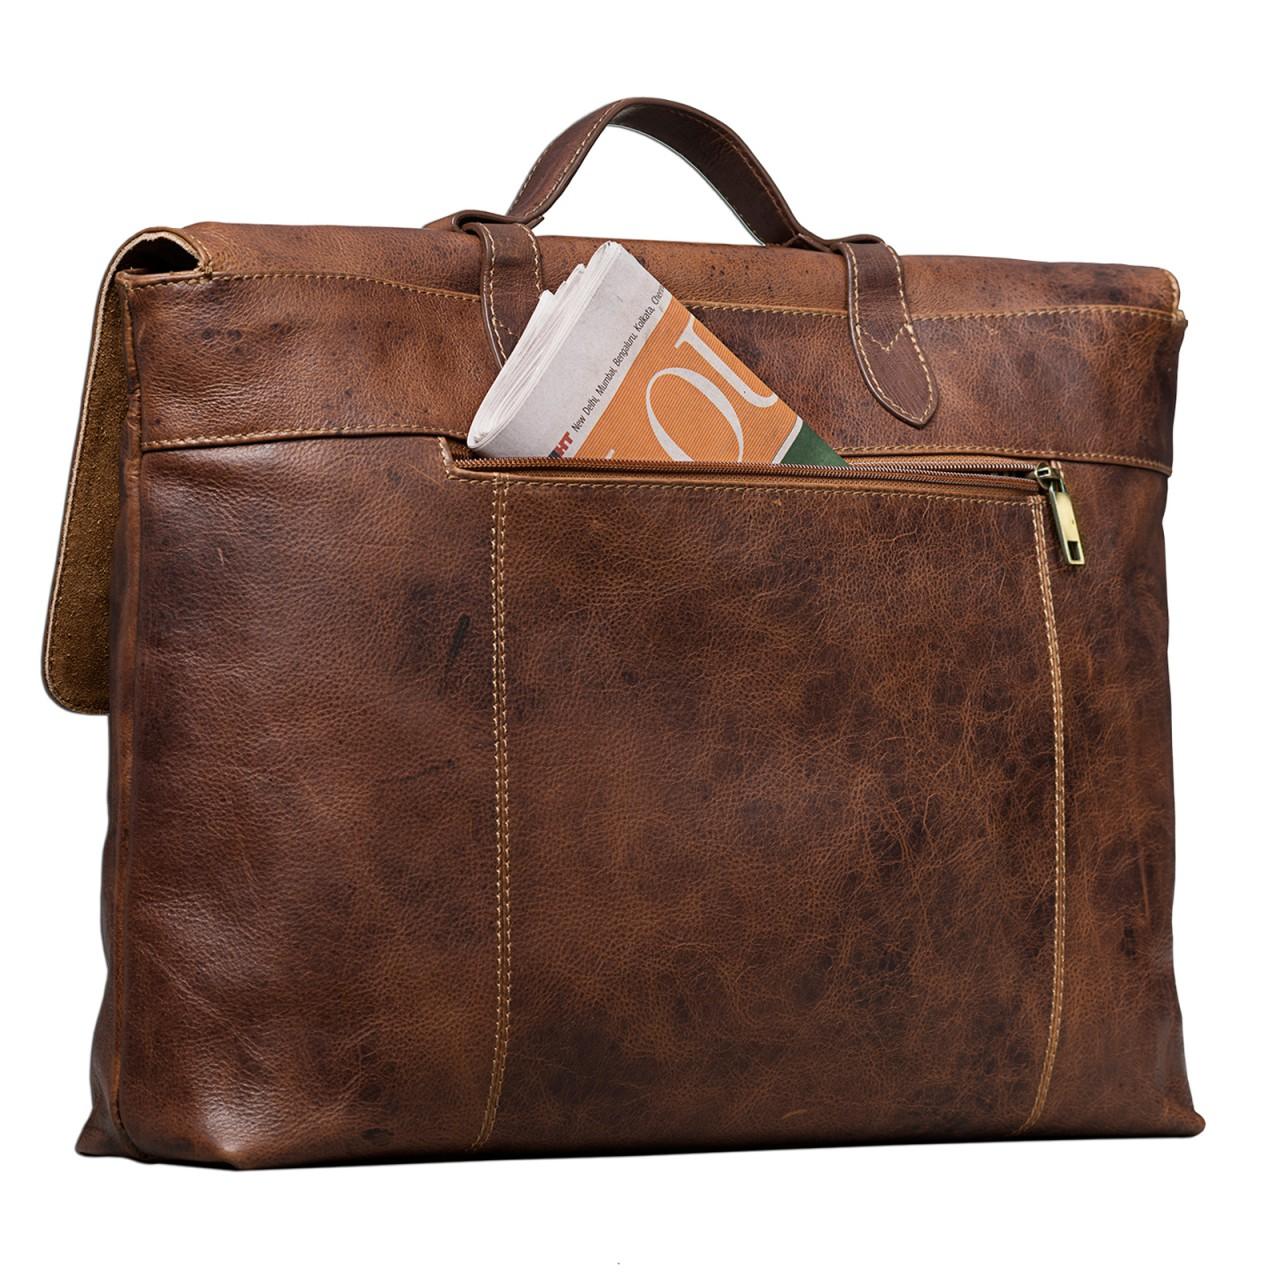 STILORD Vintage Businesstasche aus echtem Leder elegante Arbeitstasche Aktentasche Lehrertasche mit Schloss Rinds Leder Braun - Bild 6